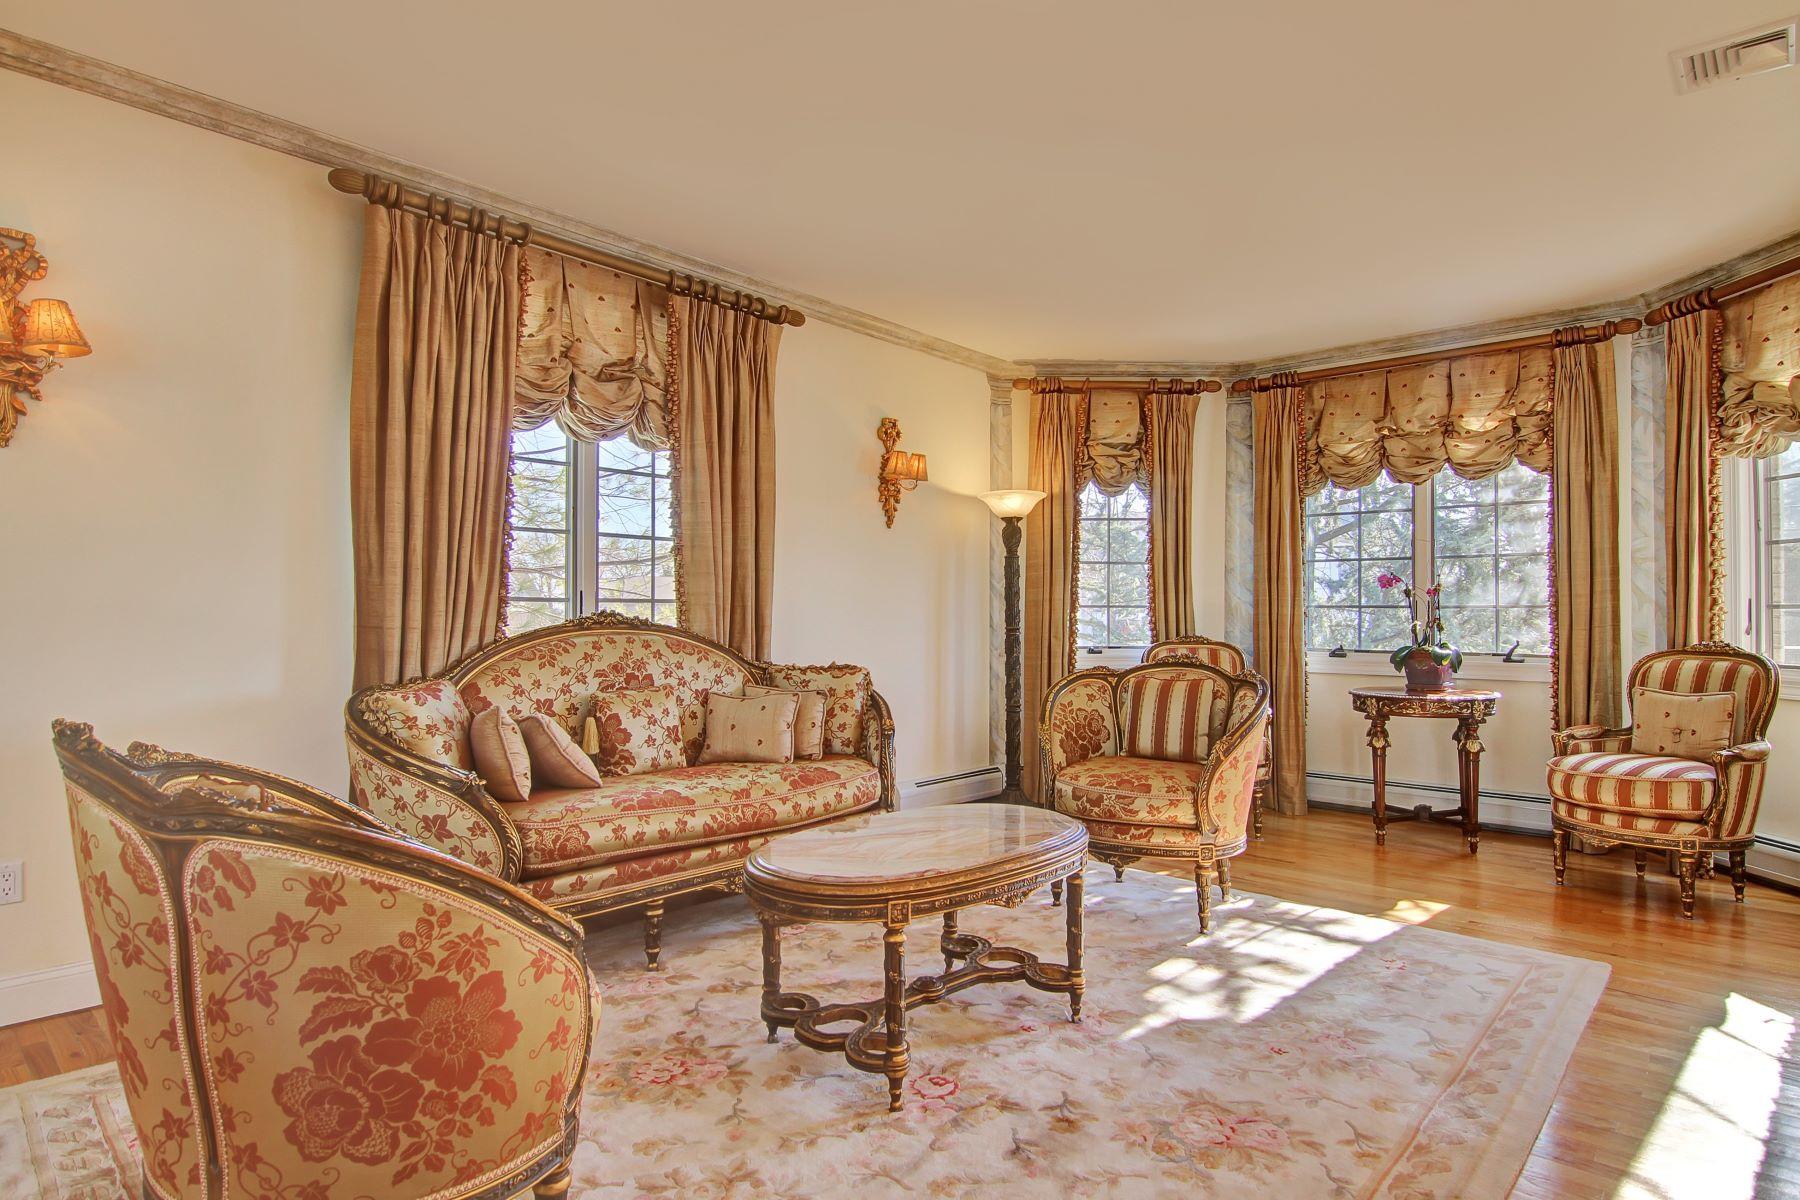 Частный односемейный дом для того Продажа на Beautiful, custom all- brick colonial in prestigious Bluffs section! 1111 Arcadian Way Fort Lee, Нью-Джерси 07024 Соединенные Штаты